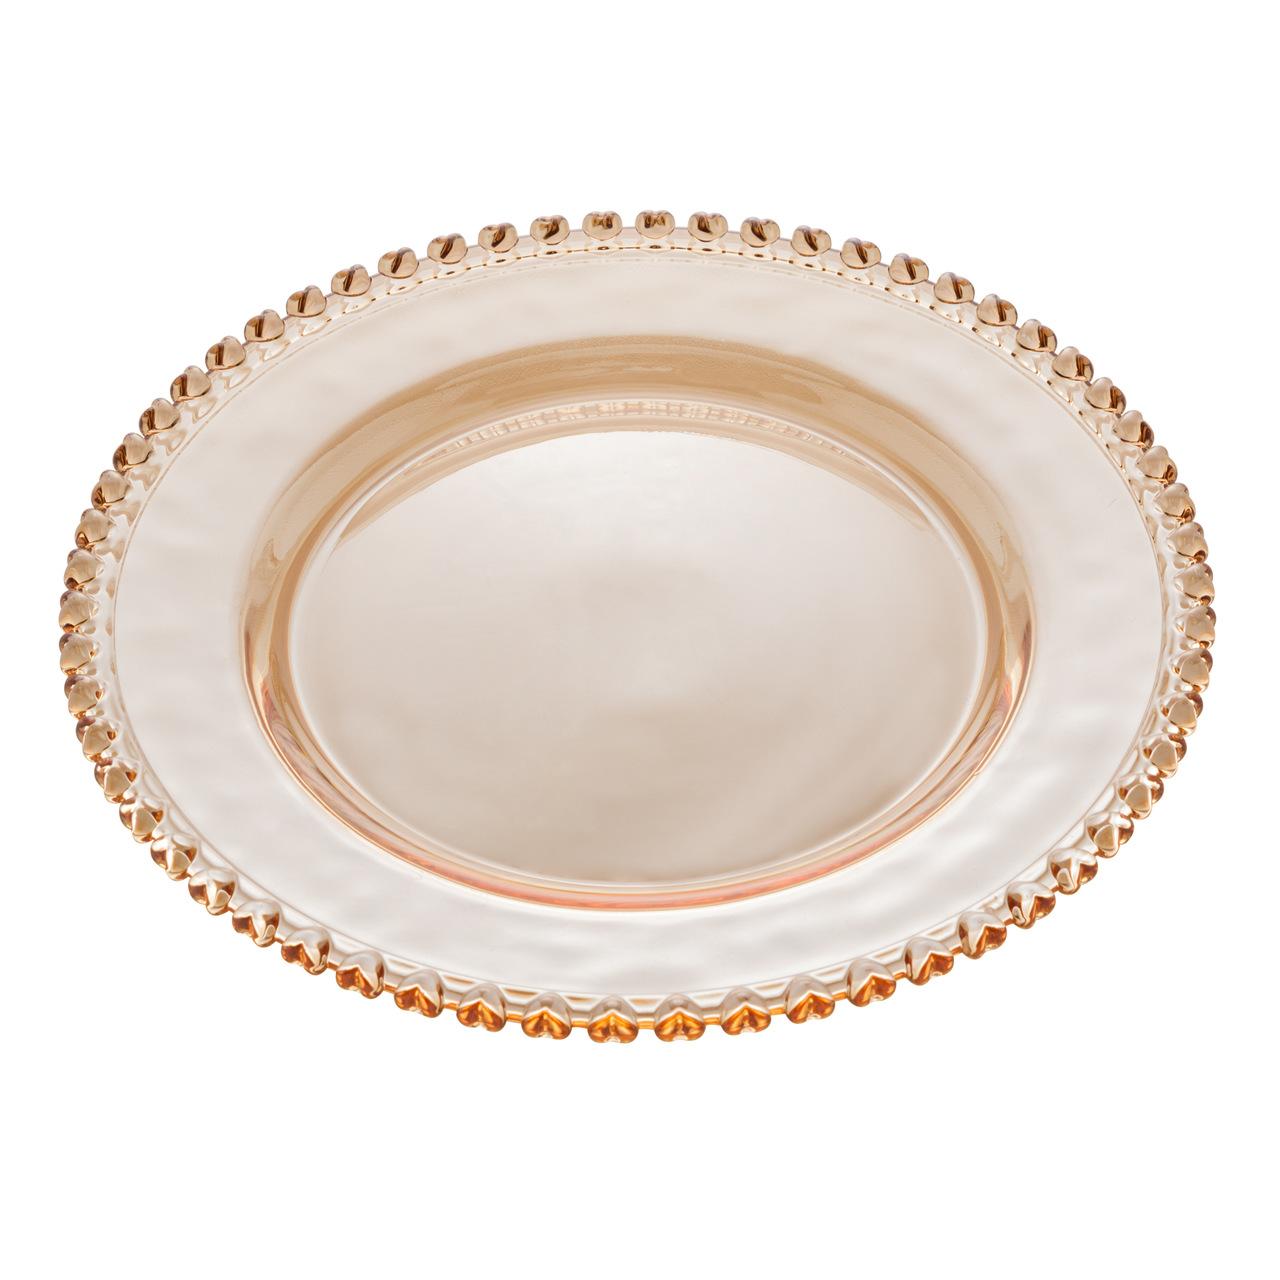 Prato de cristal âmbar metalizado Coração Lyor 20 cm